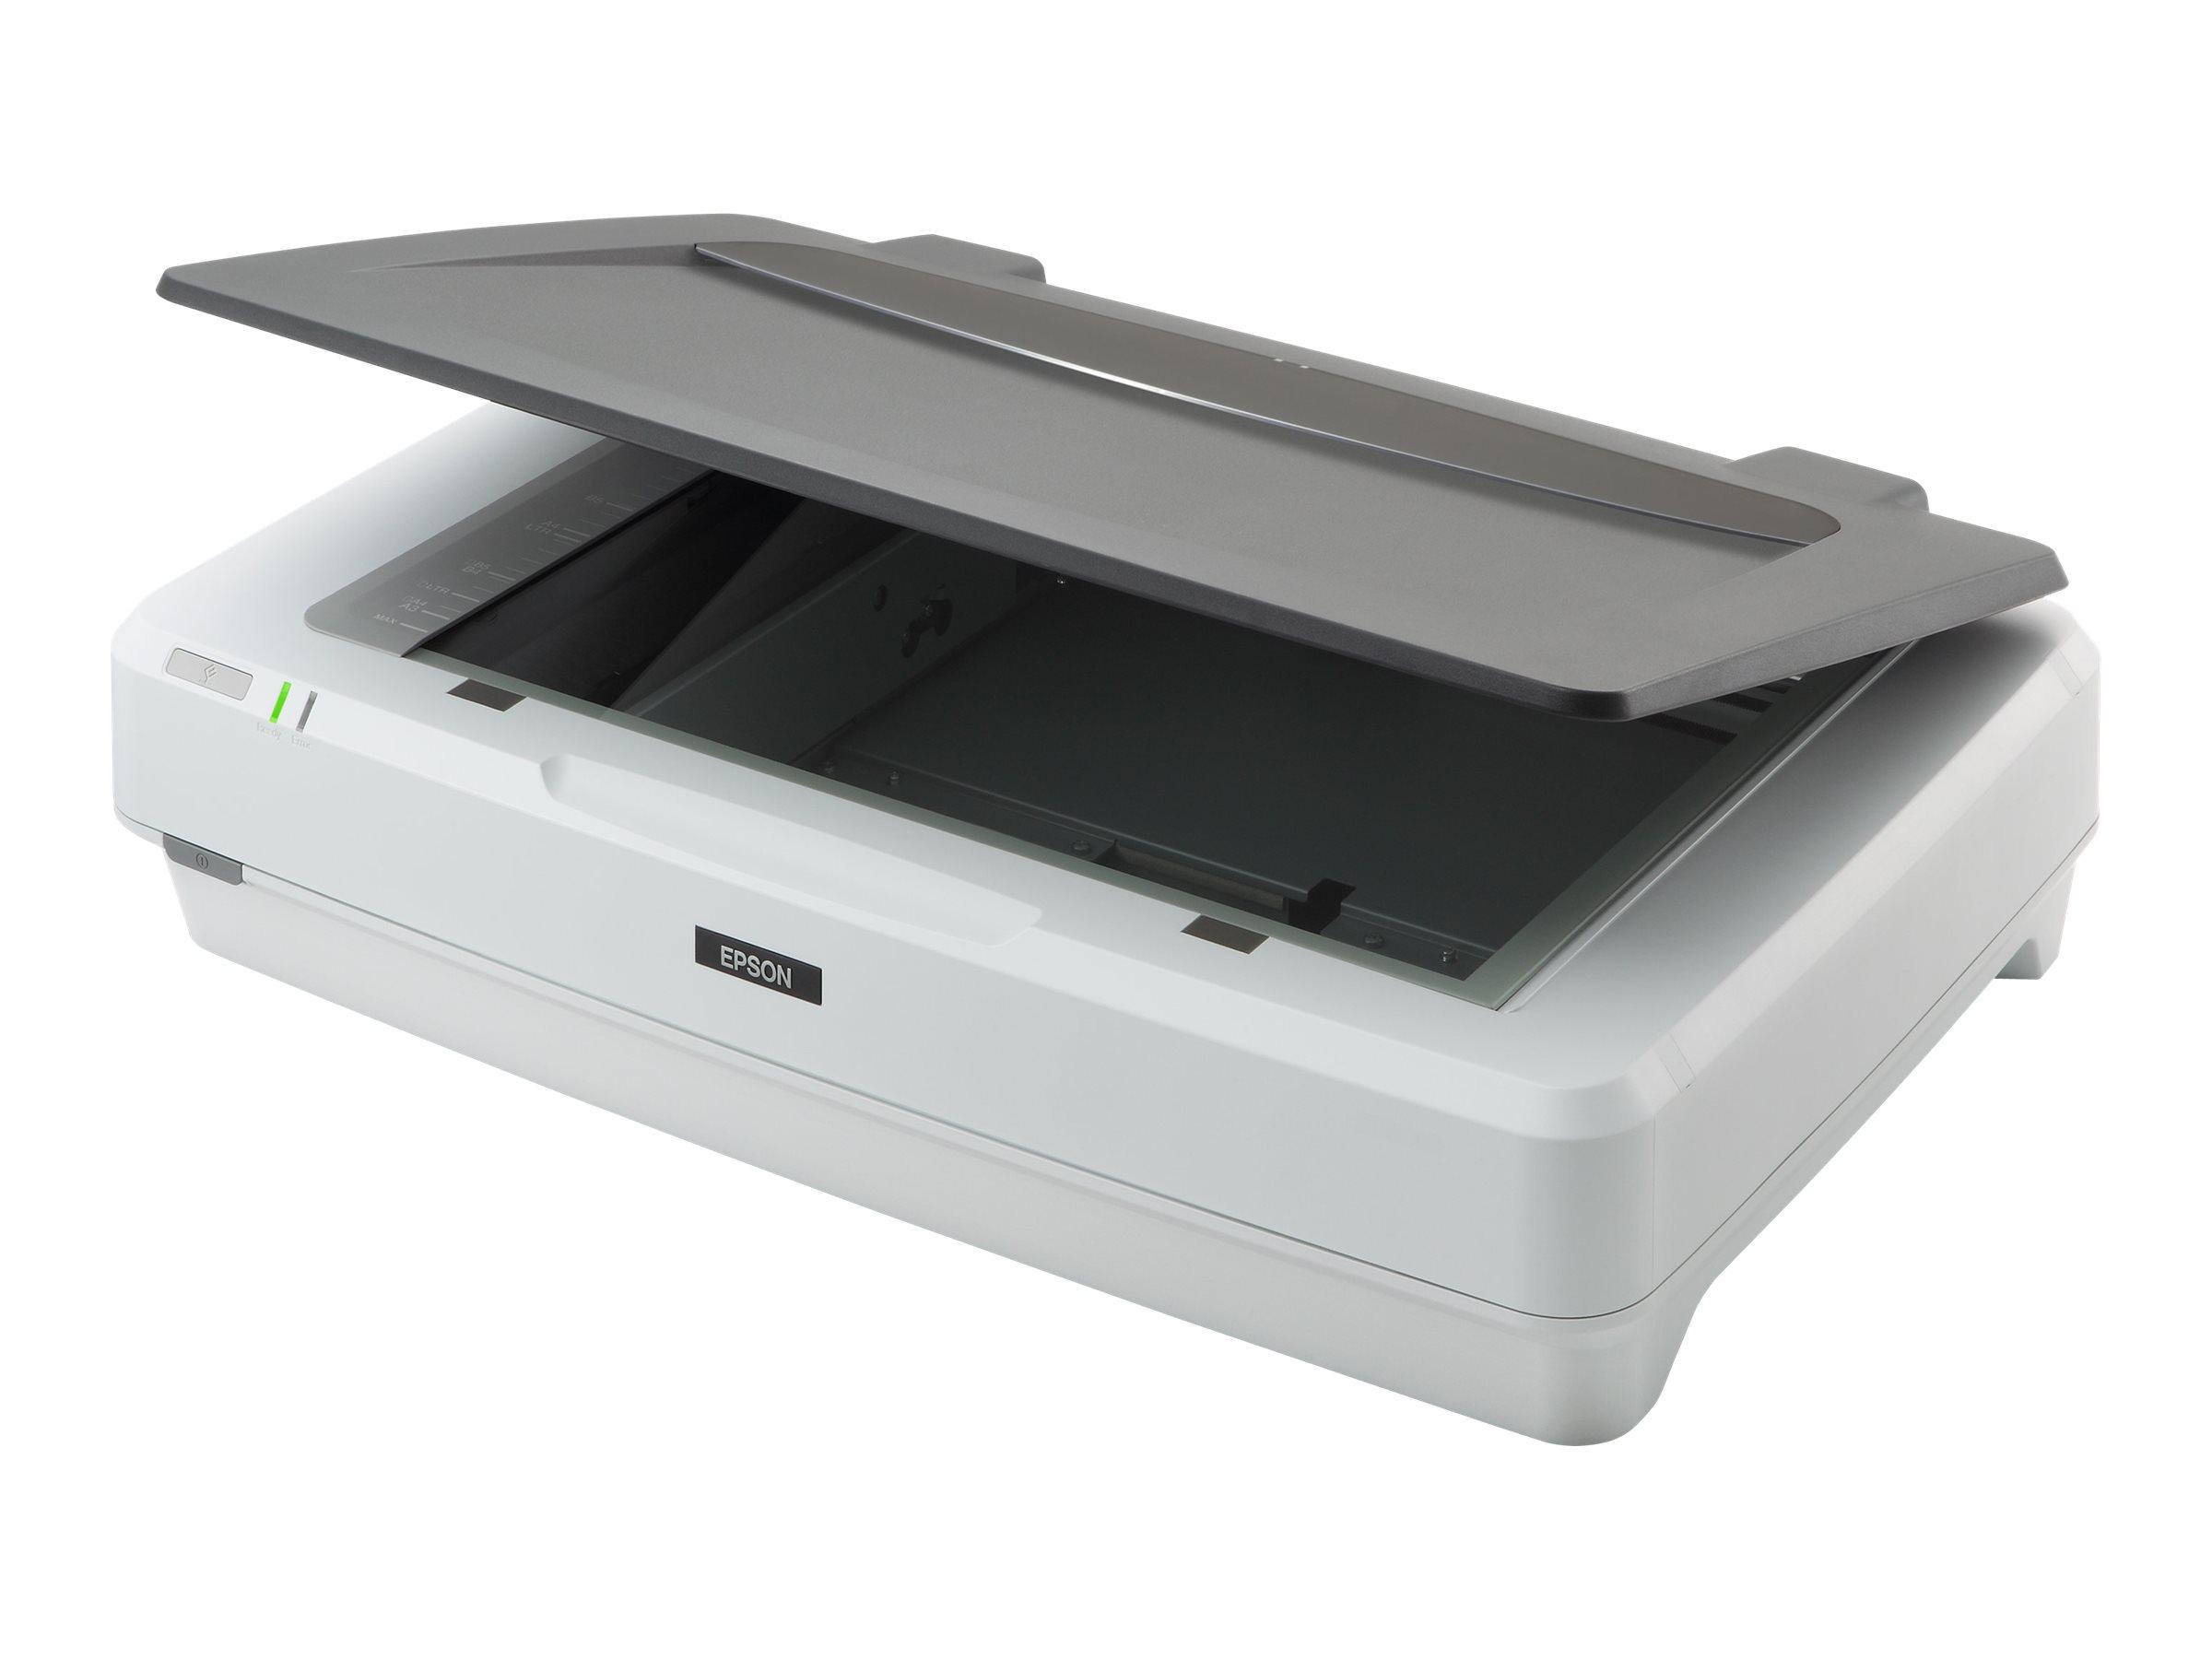 Epson Expression 12000XL - Flachbettscanner - A3 - 2400 dpi x 4800 dpi - USB 2.0